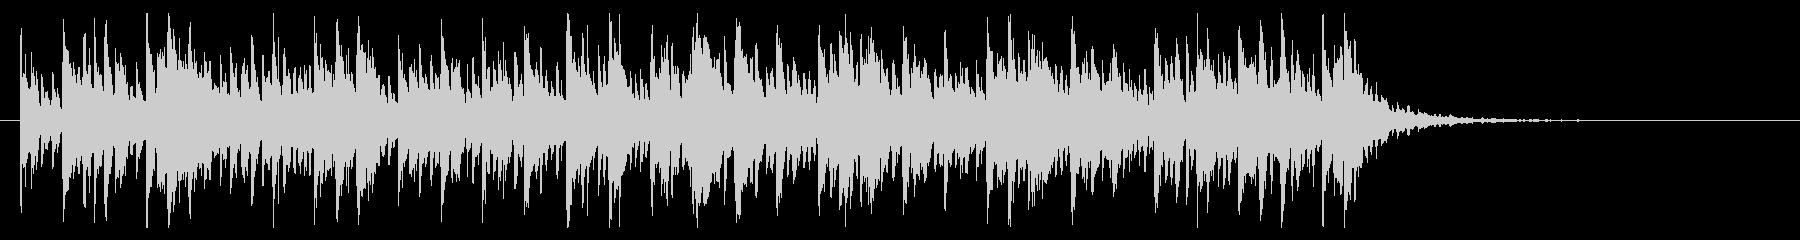 不思議でかわいくポップなBGM(短曲)の未再生の波形